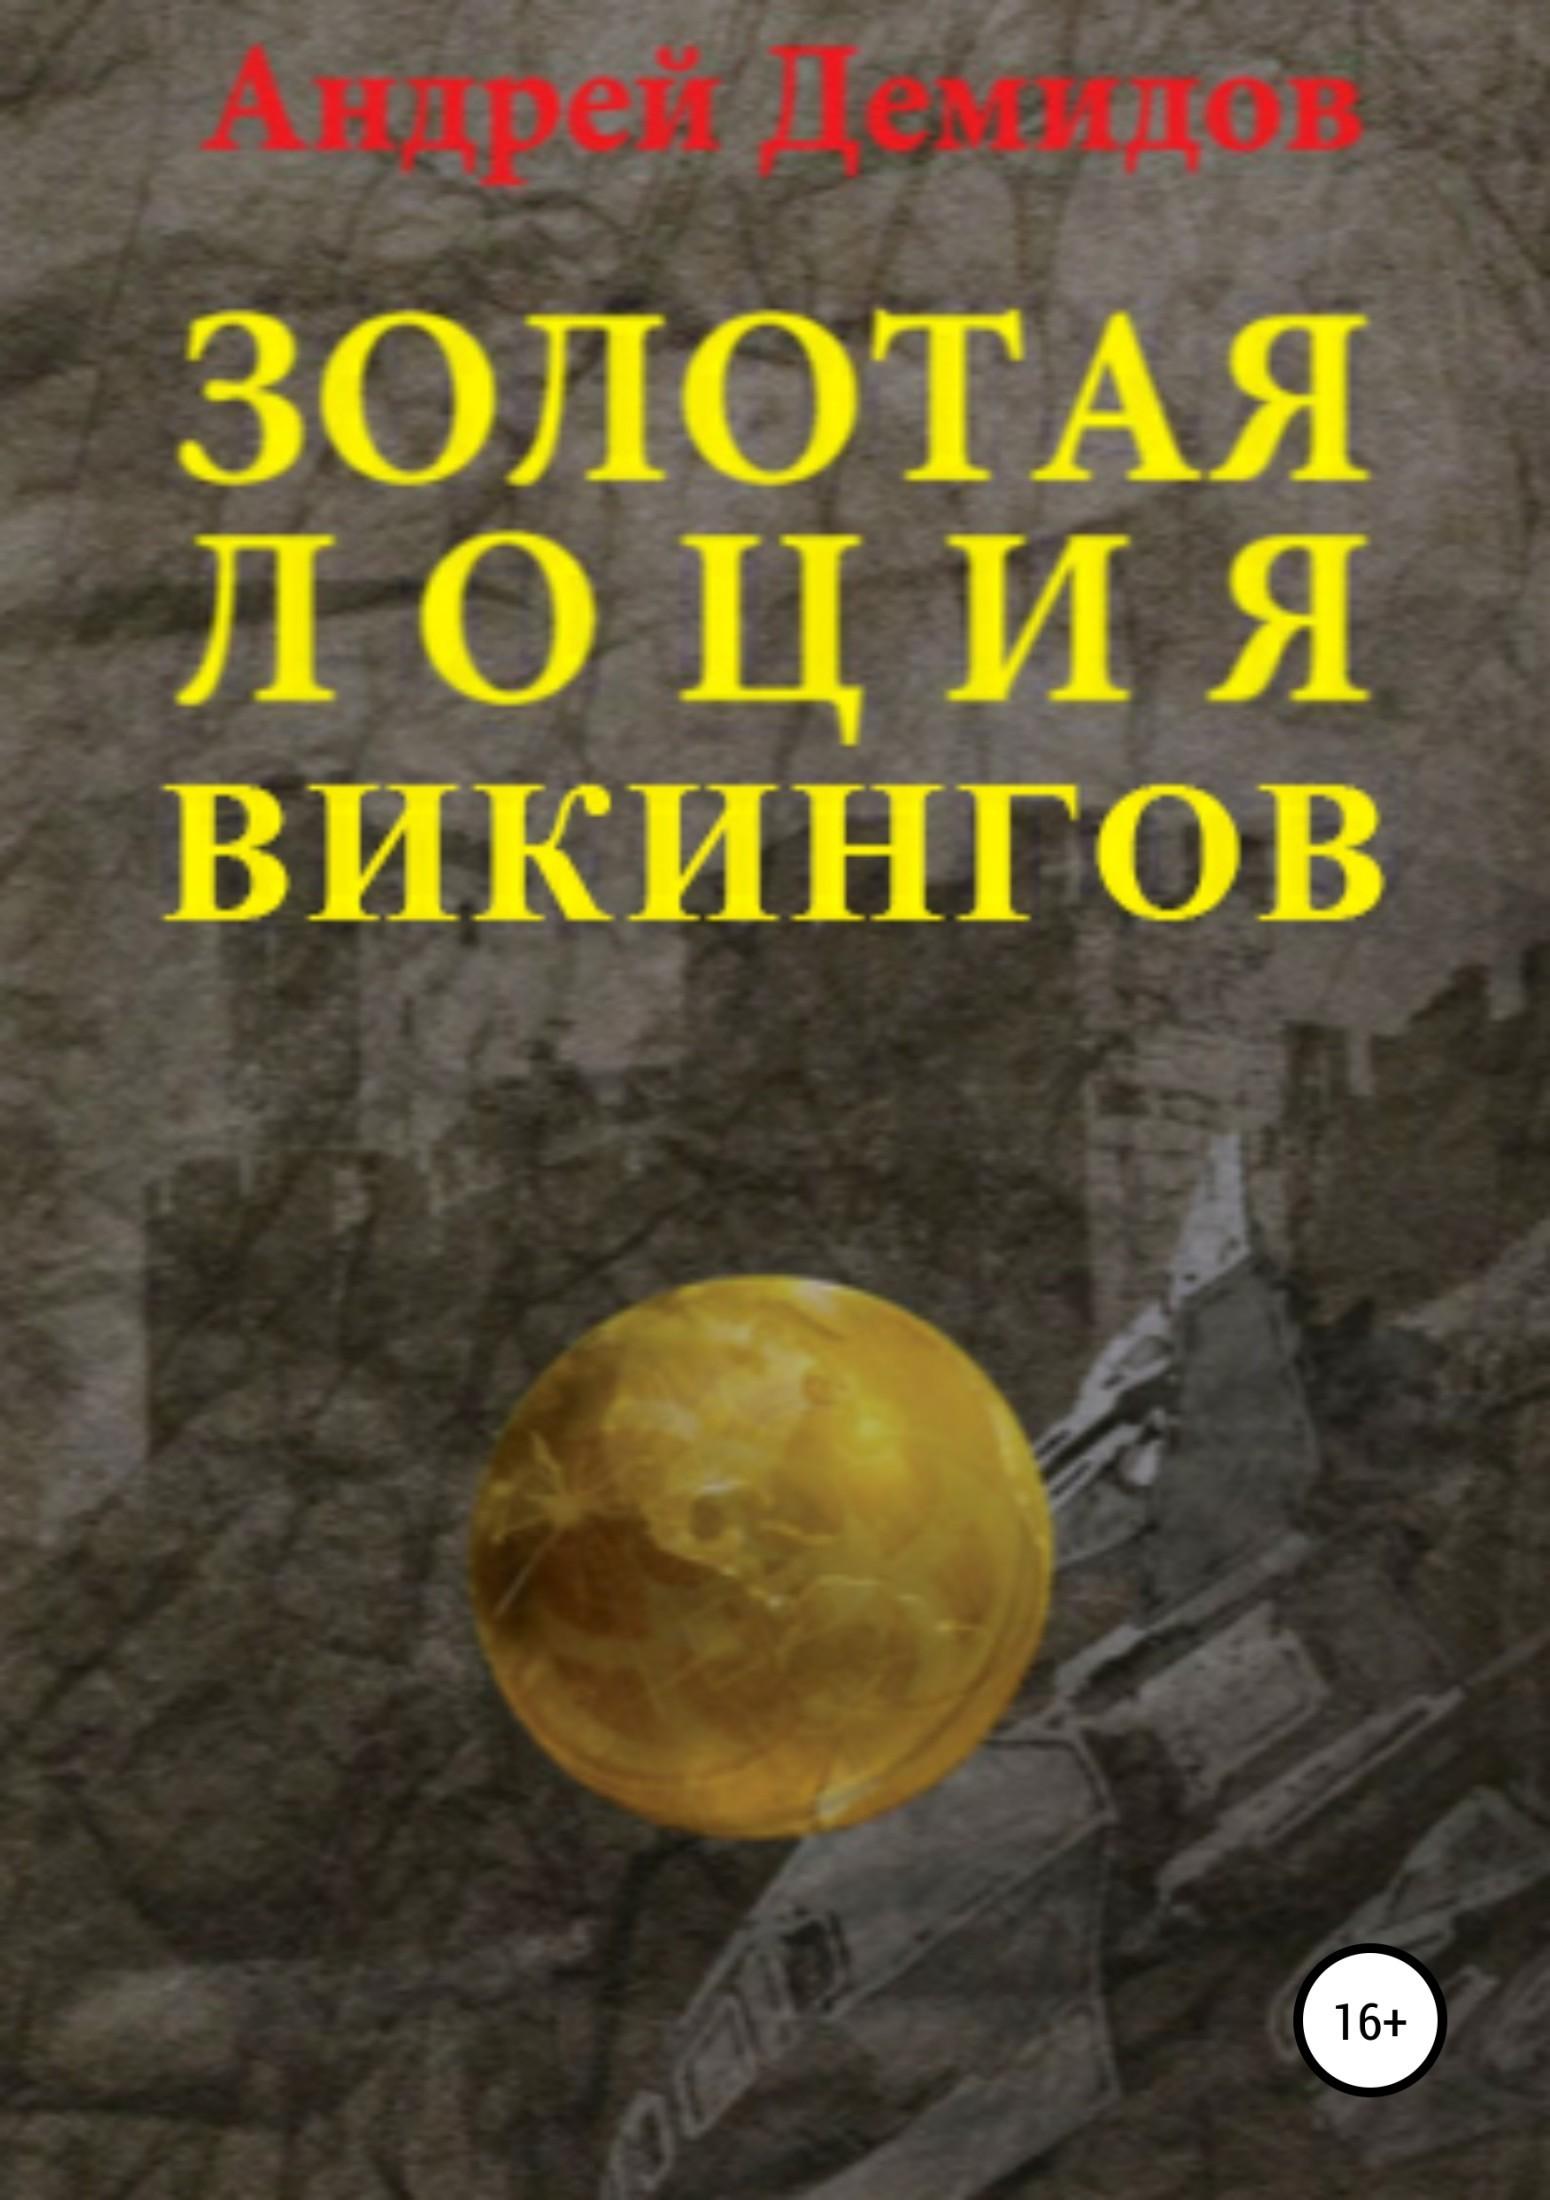 Книга Золотая лоция викингов, автор: Андрей Геннадиевич Демидов